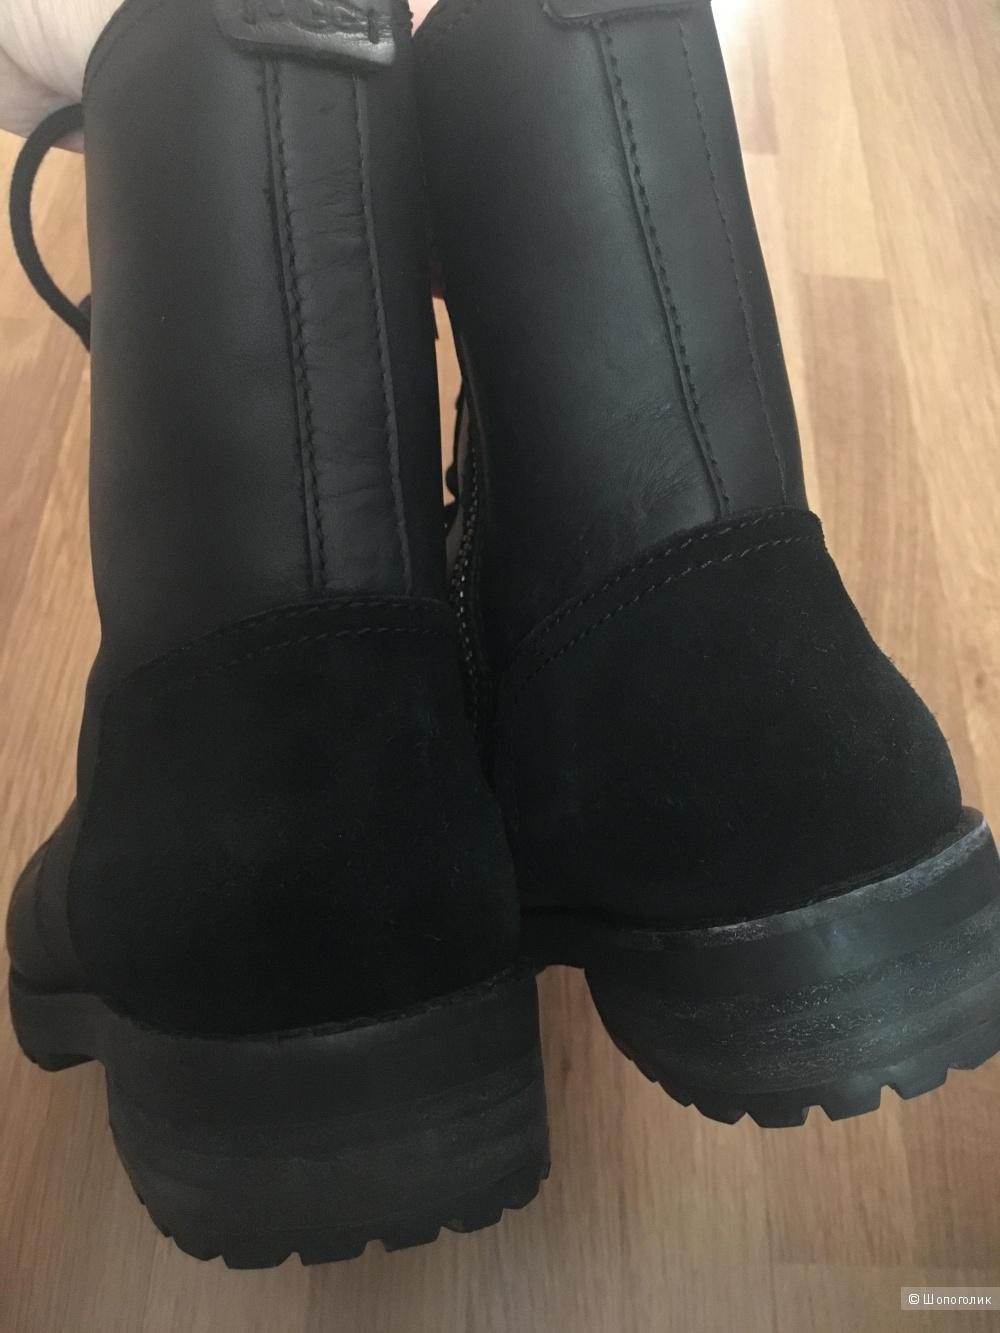 Ботинки UGG размер 38,5